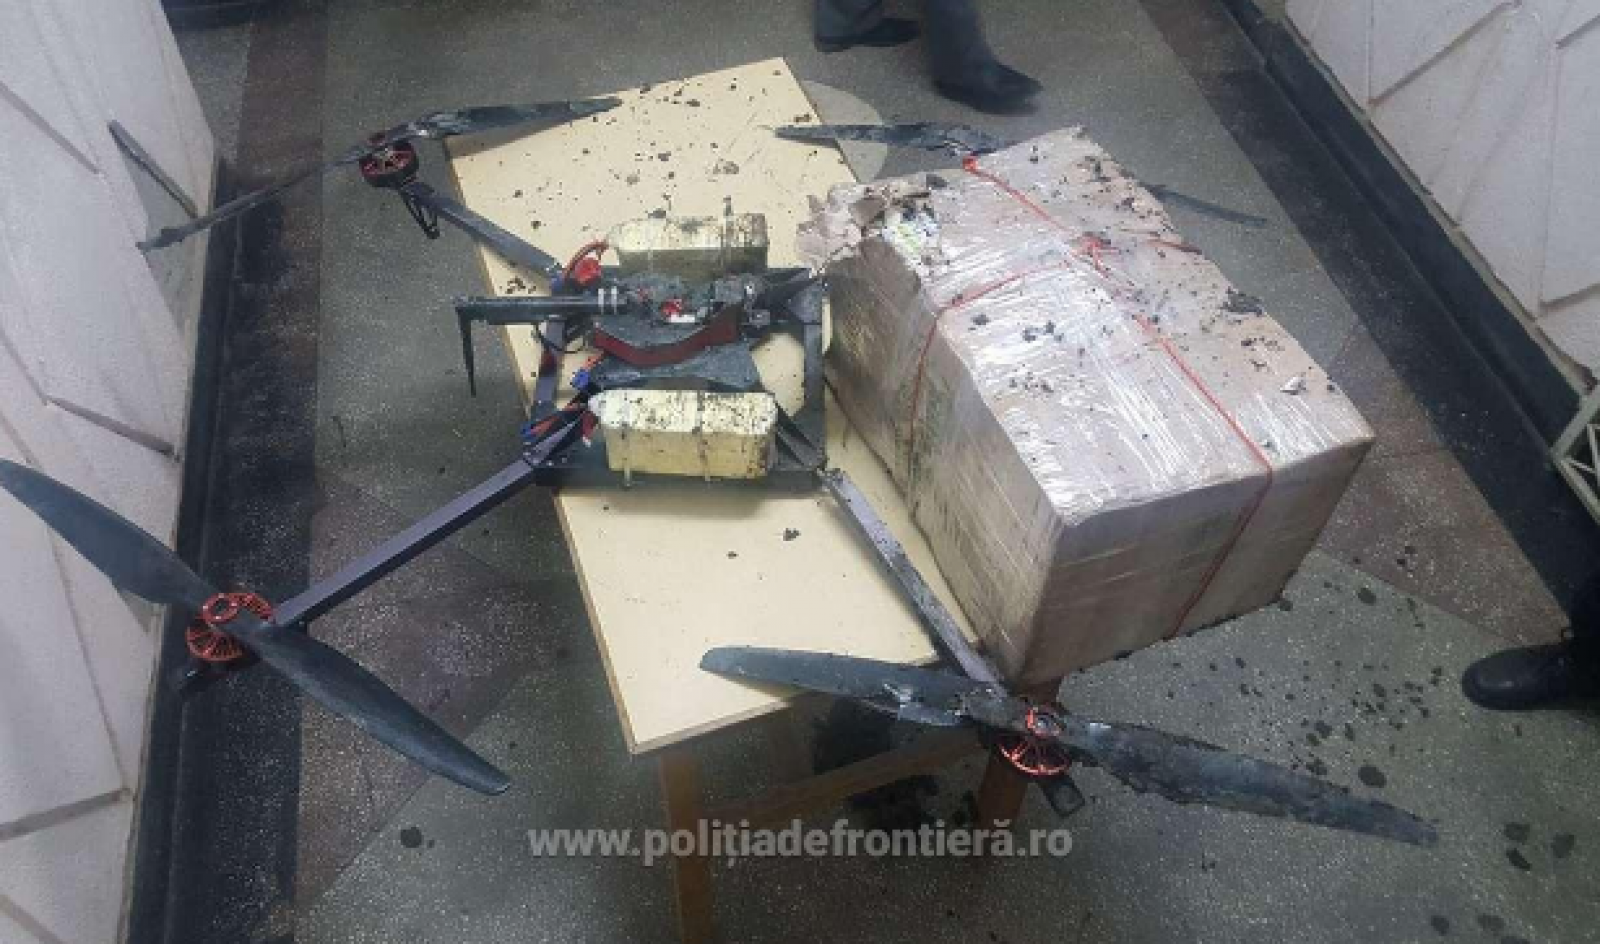 (video) O dronă a trecut frontiera cu un colet plin de țigări. Ce spun vameșii români